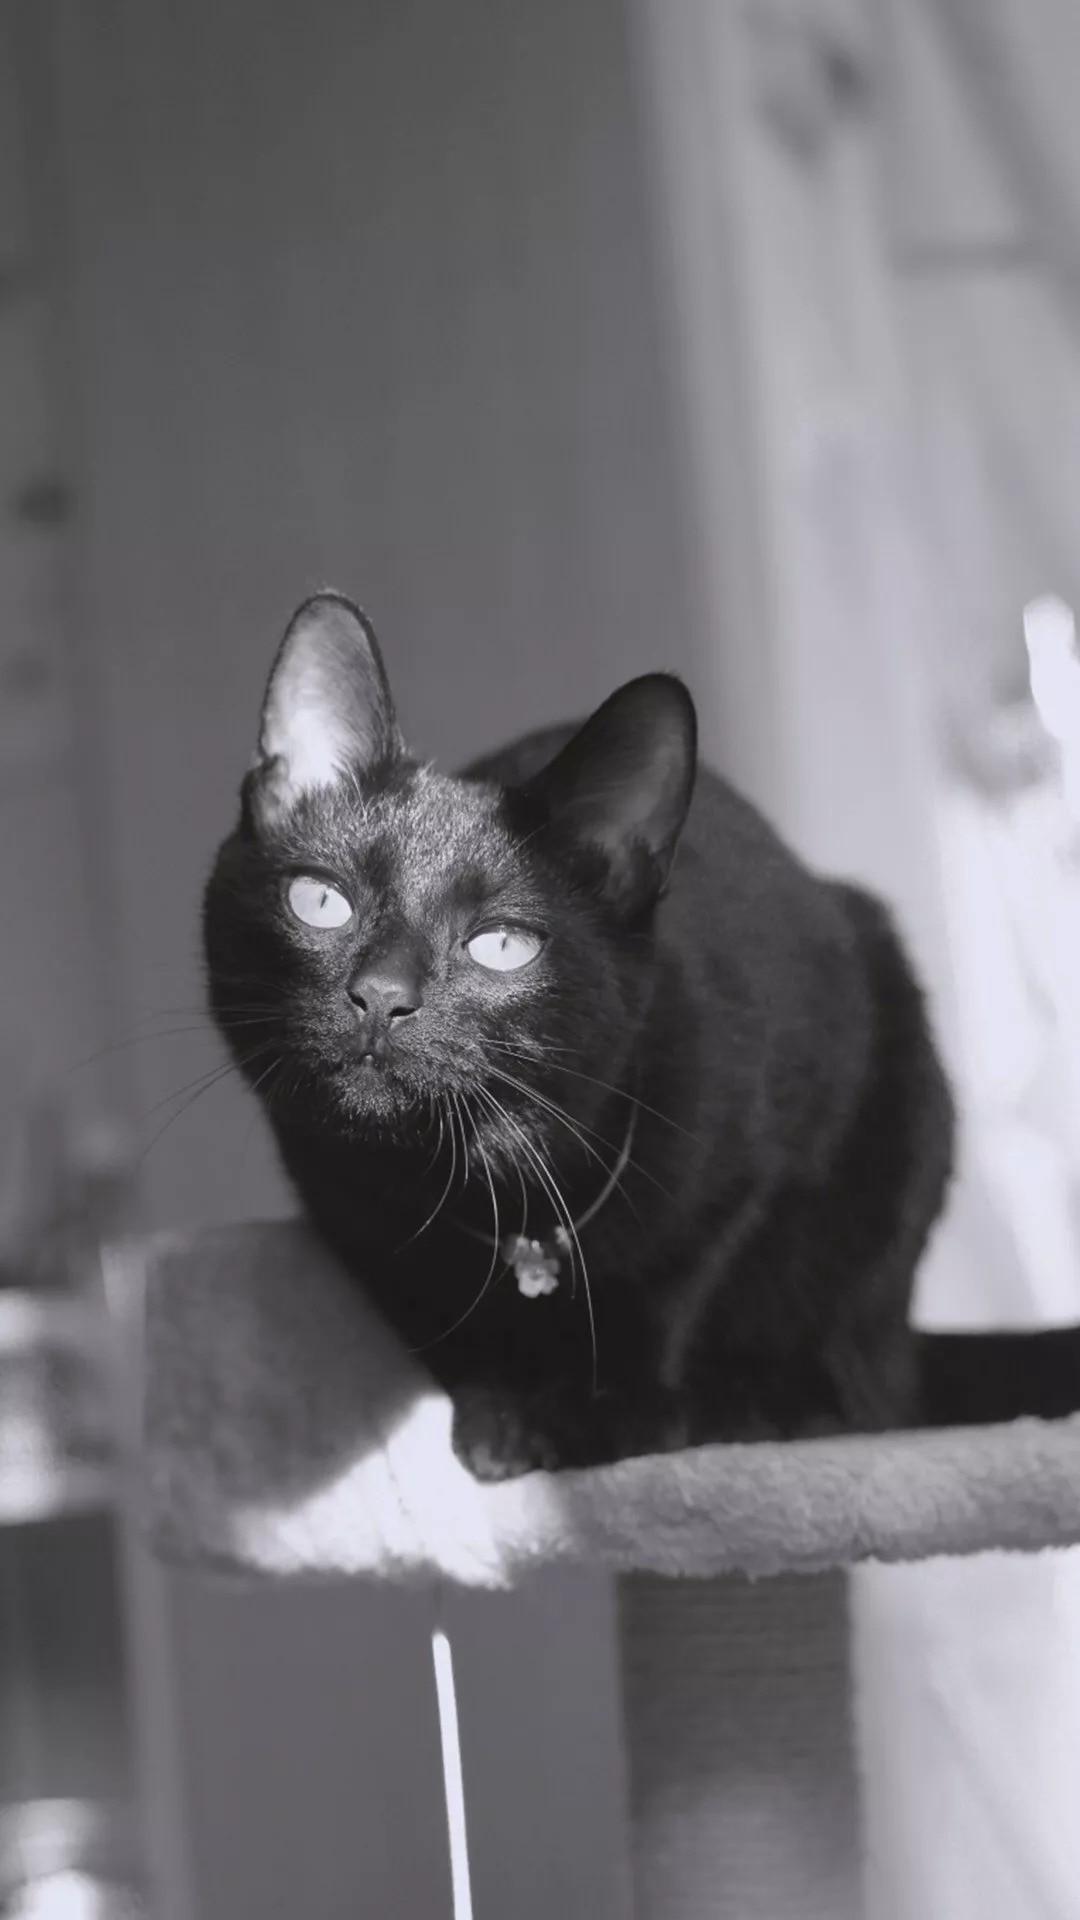 猫片壁纸:猫咪(黑猫图片)插图1